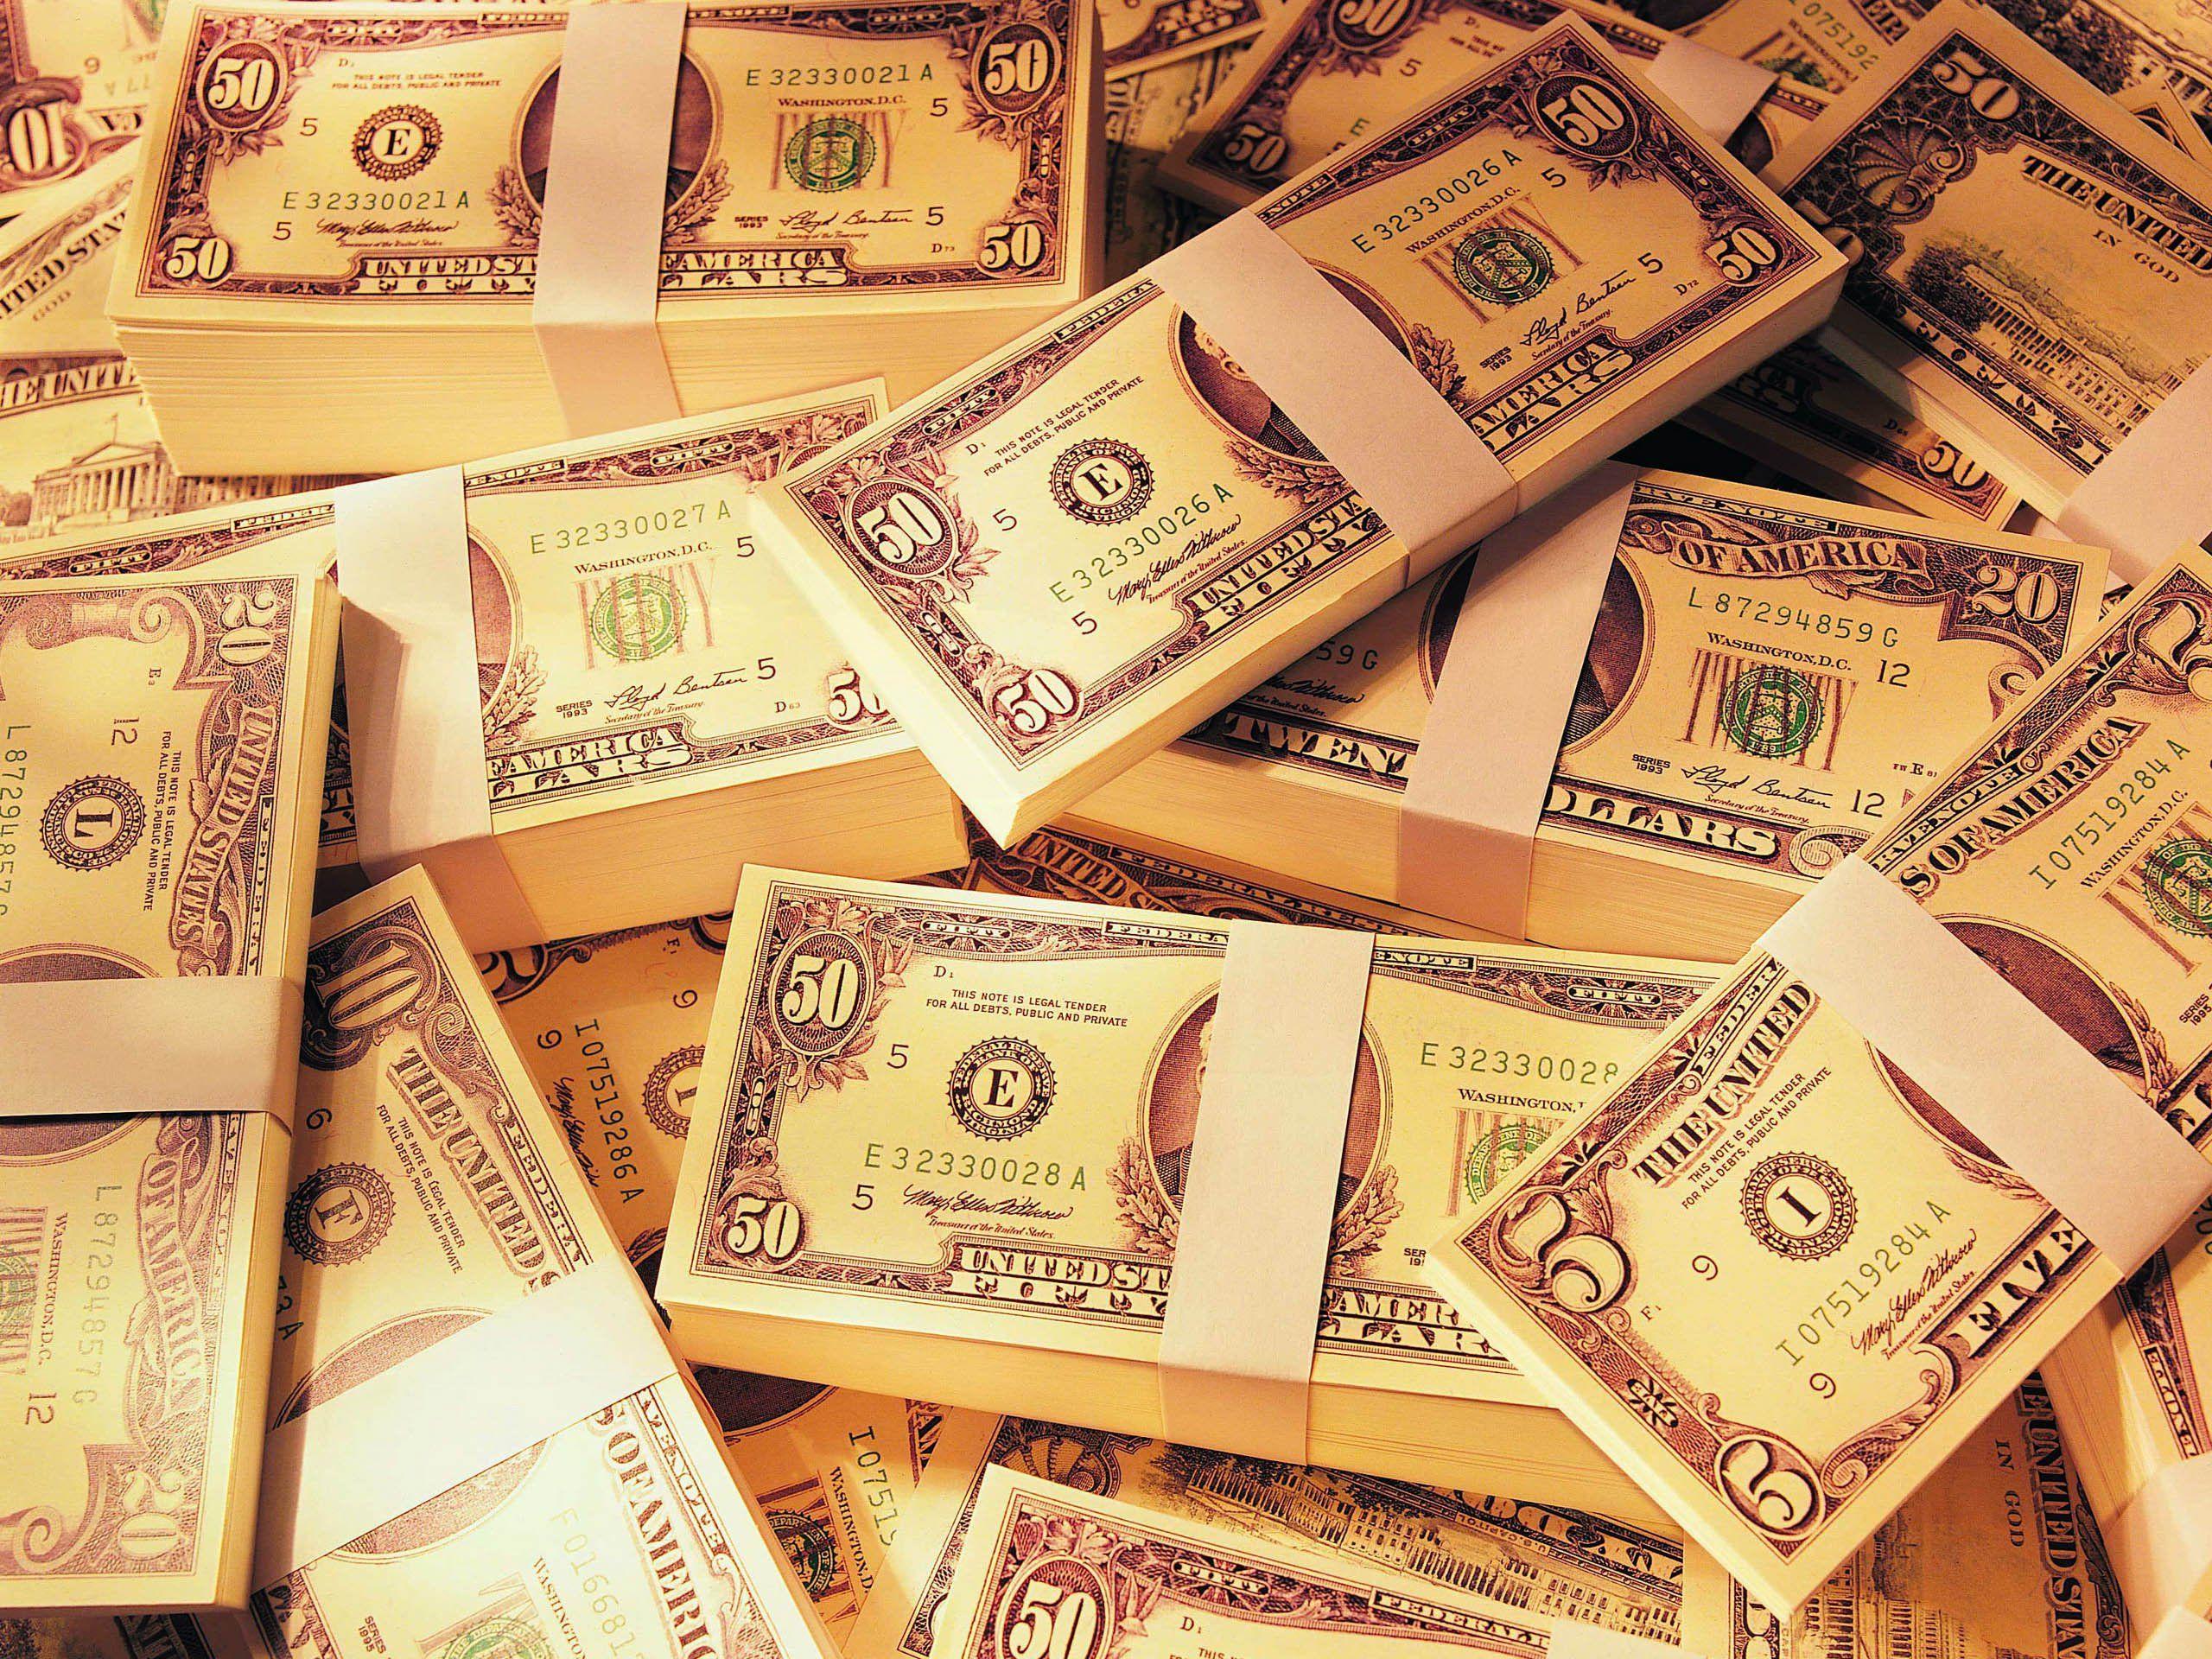 картинки деньги высокое разрешение рисованию нее